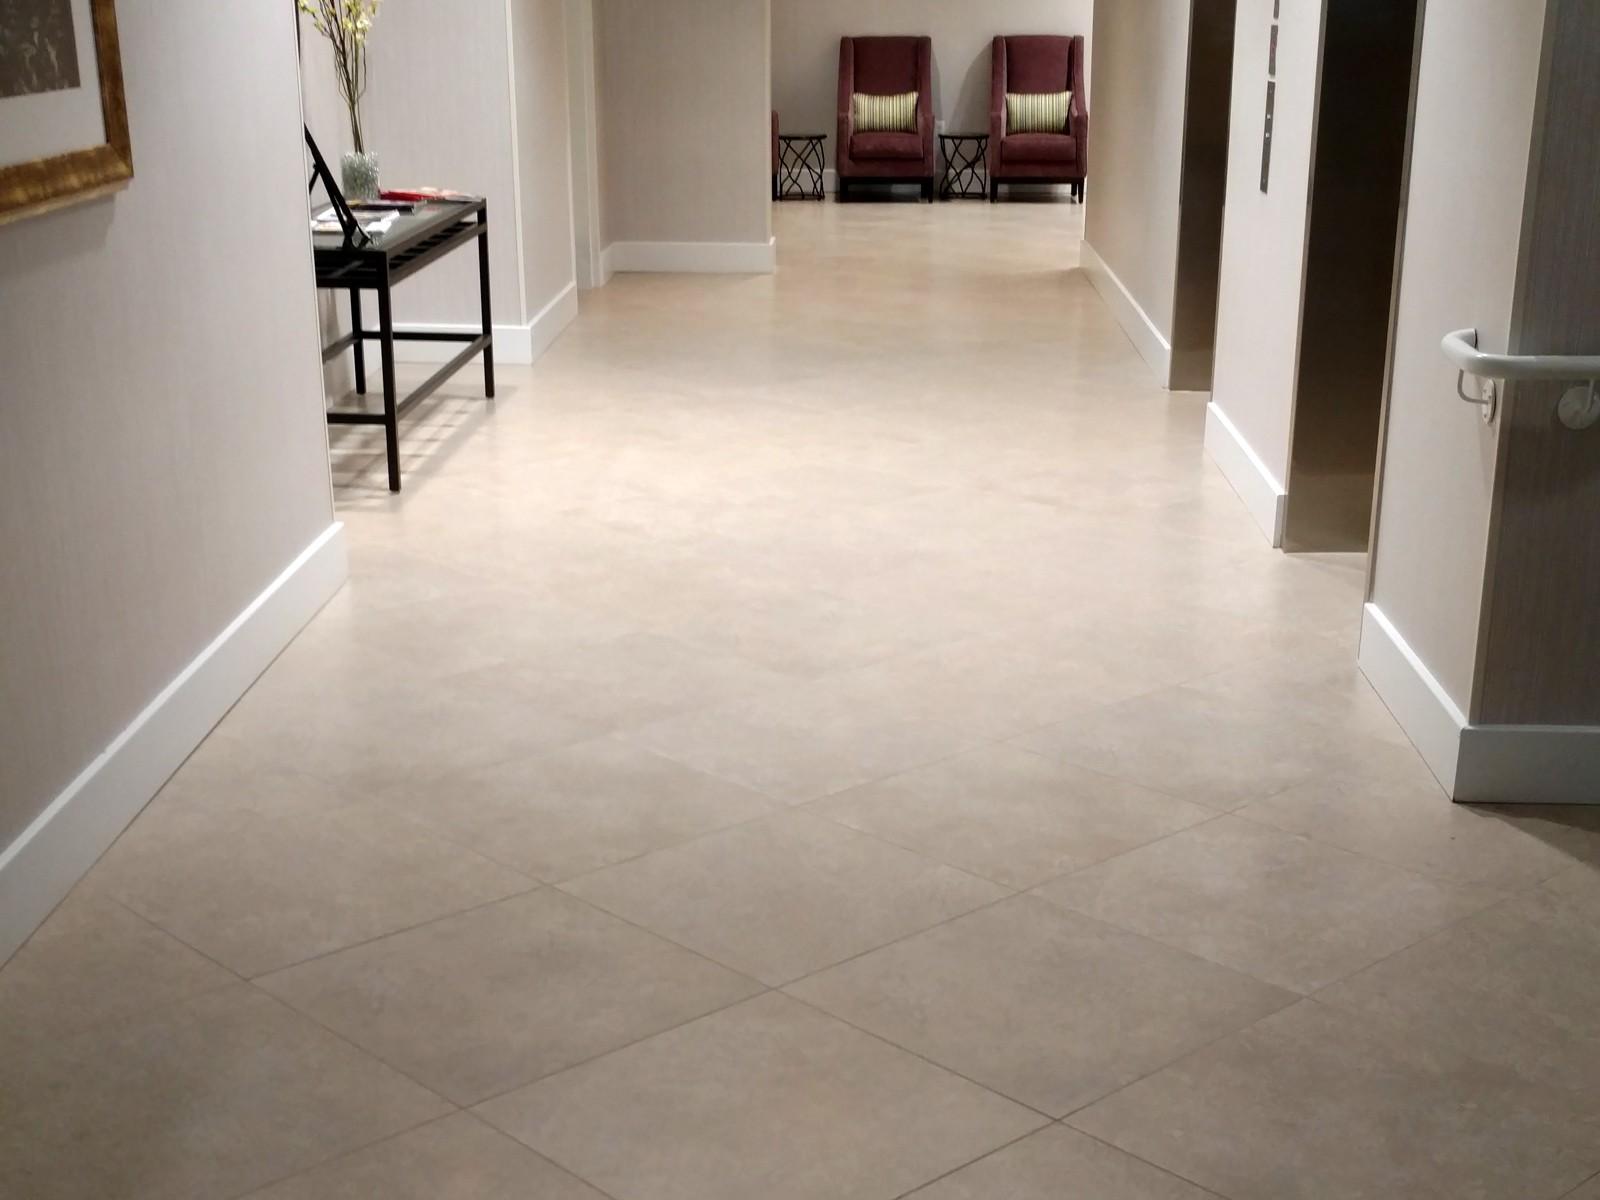 Hilton Garden Inn Springfield tile floor | Flooring Installation System